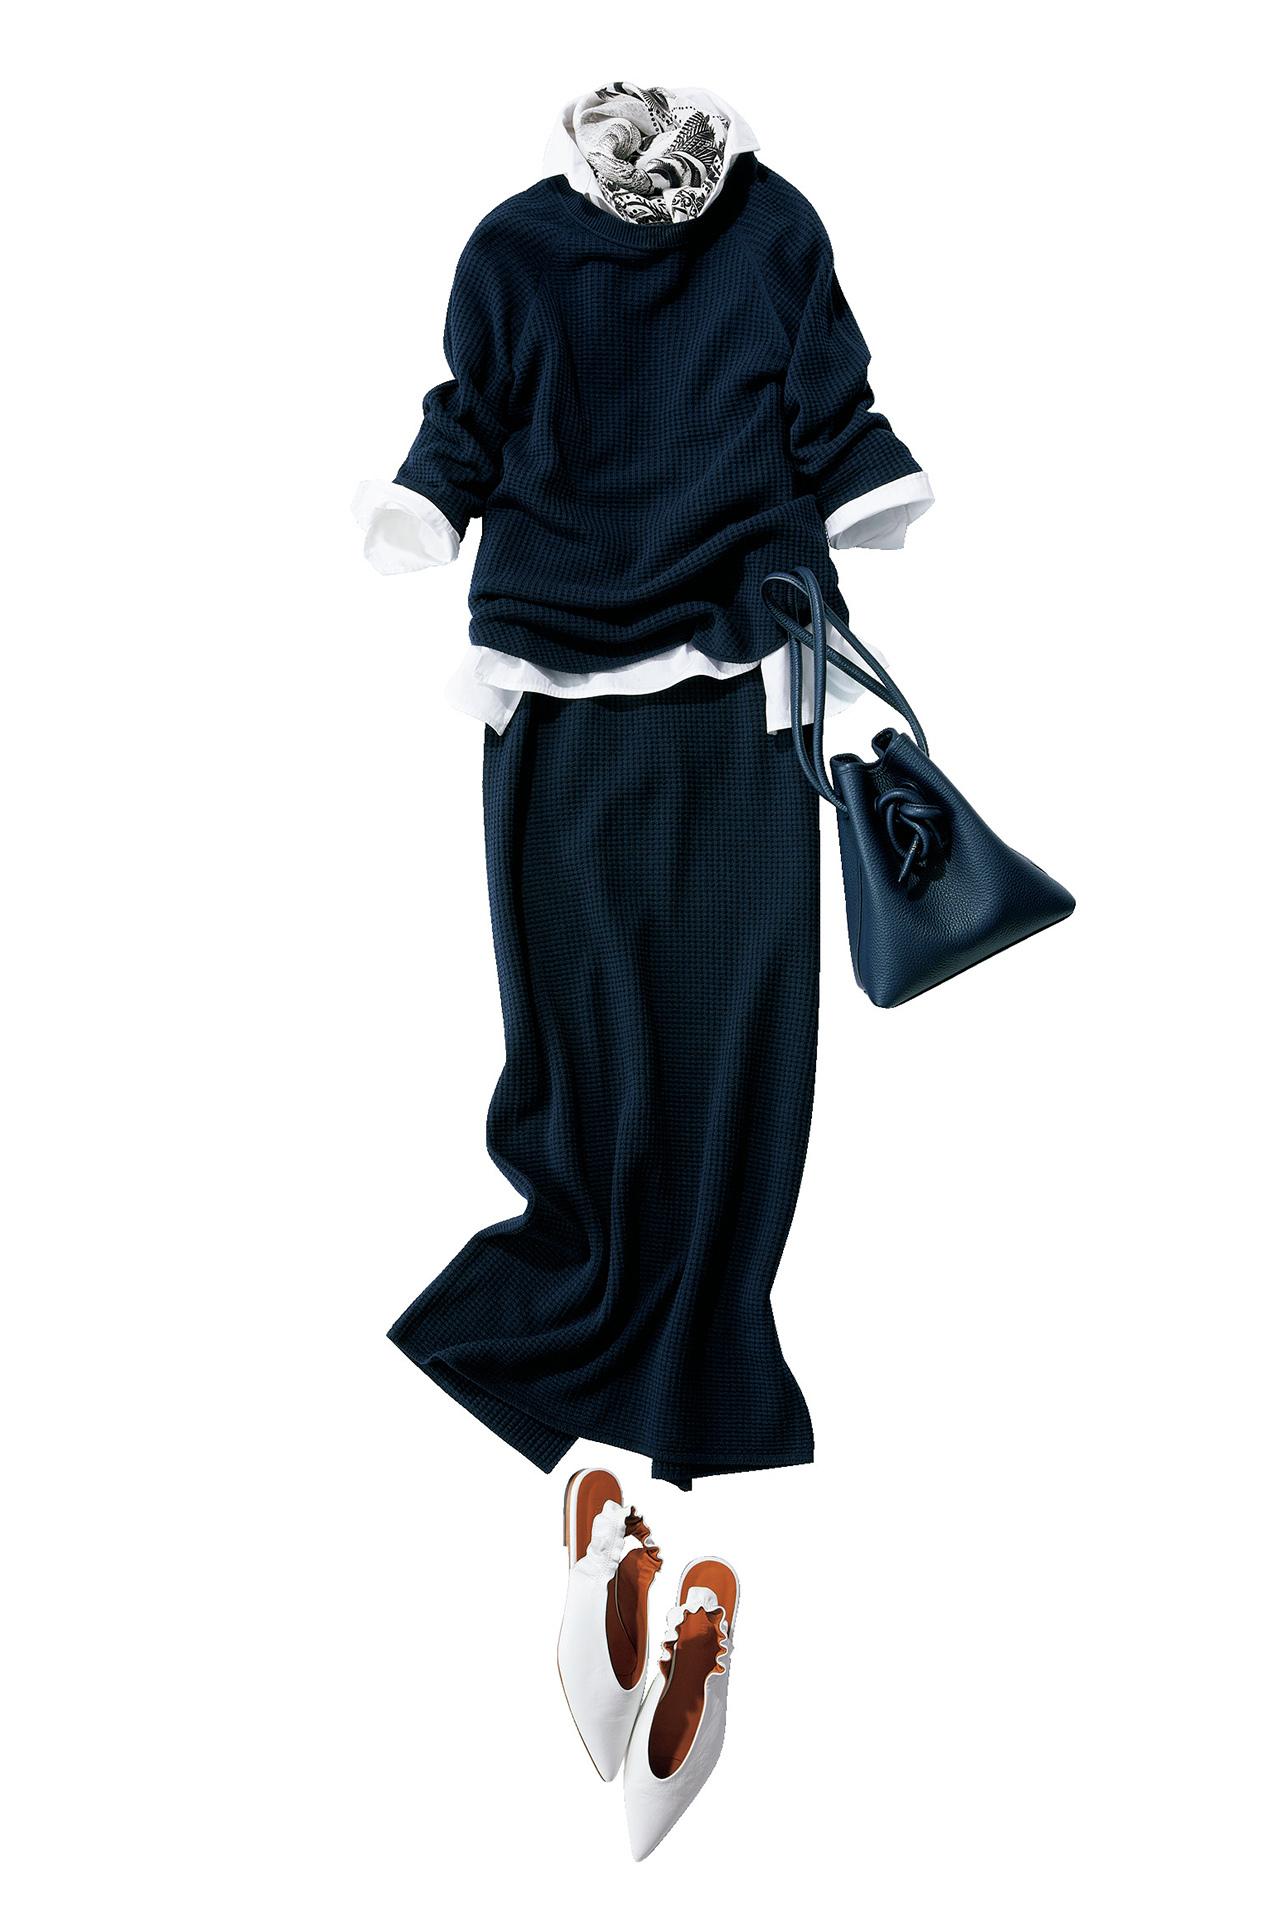 着るだけで女性らしく。ワンピース見えニットアップ 五選_1_1-2